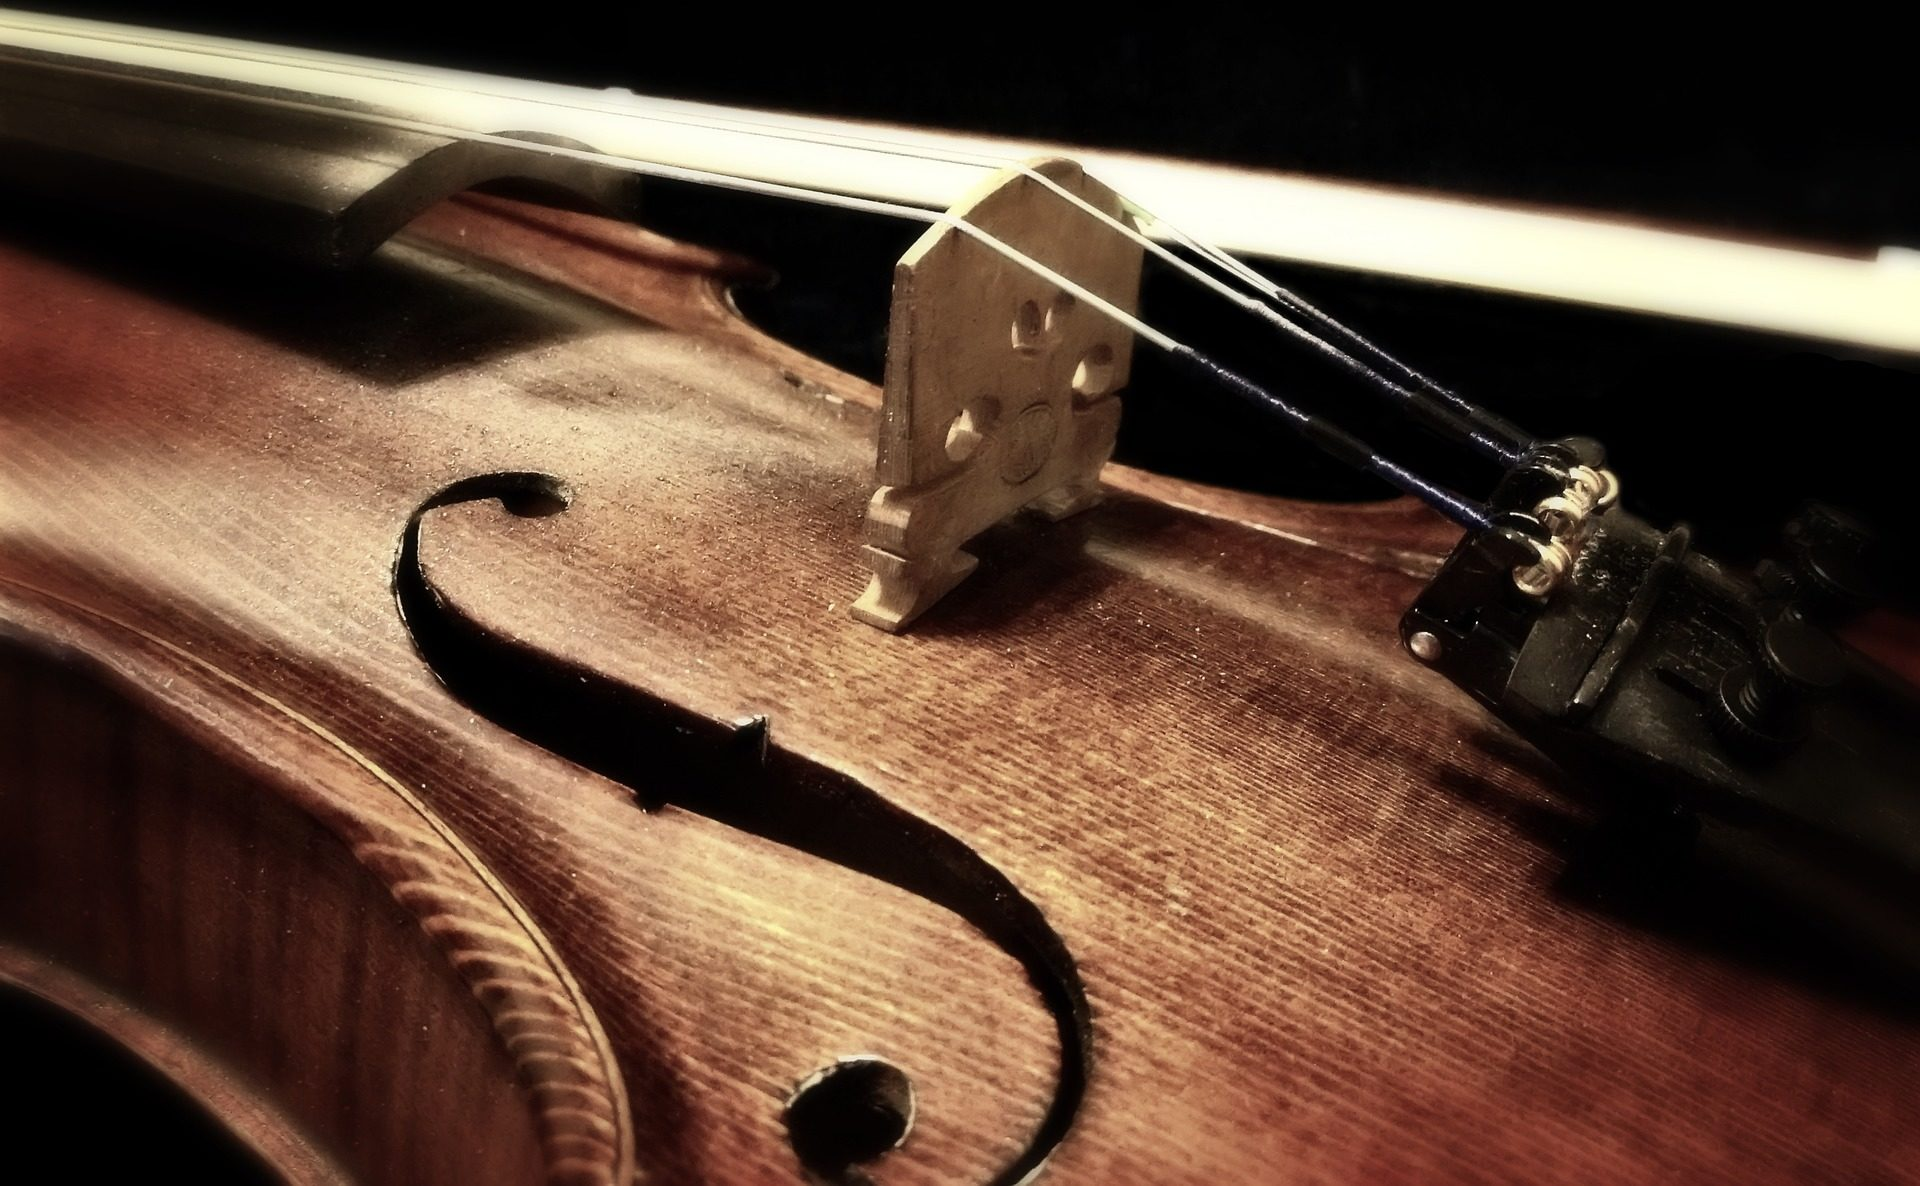 violín, साधन, रस्सी, लकड़ी, mástil - HD वॉलपेपर - प्रोफेसर-falken.com